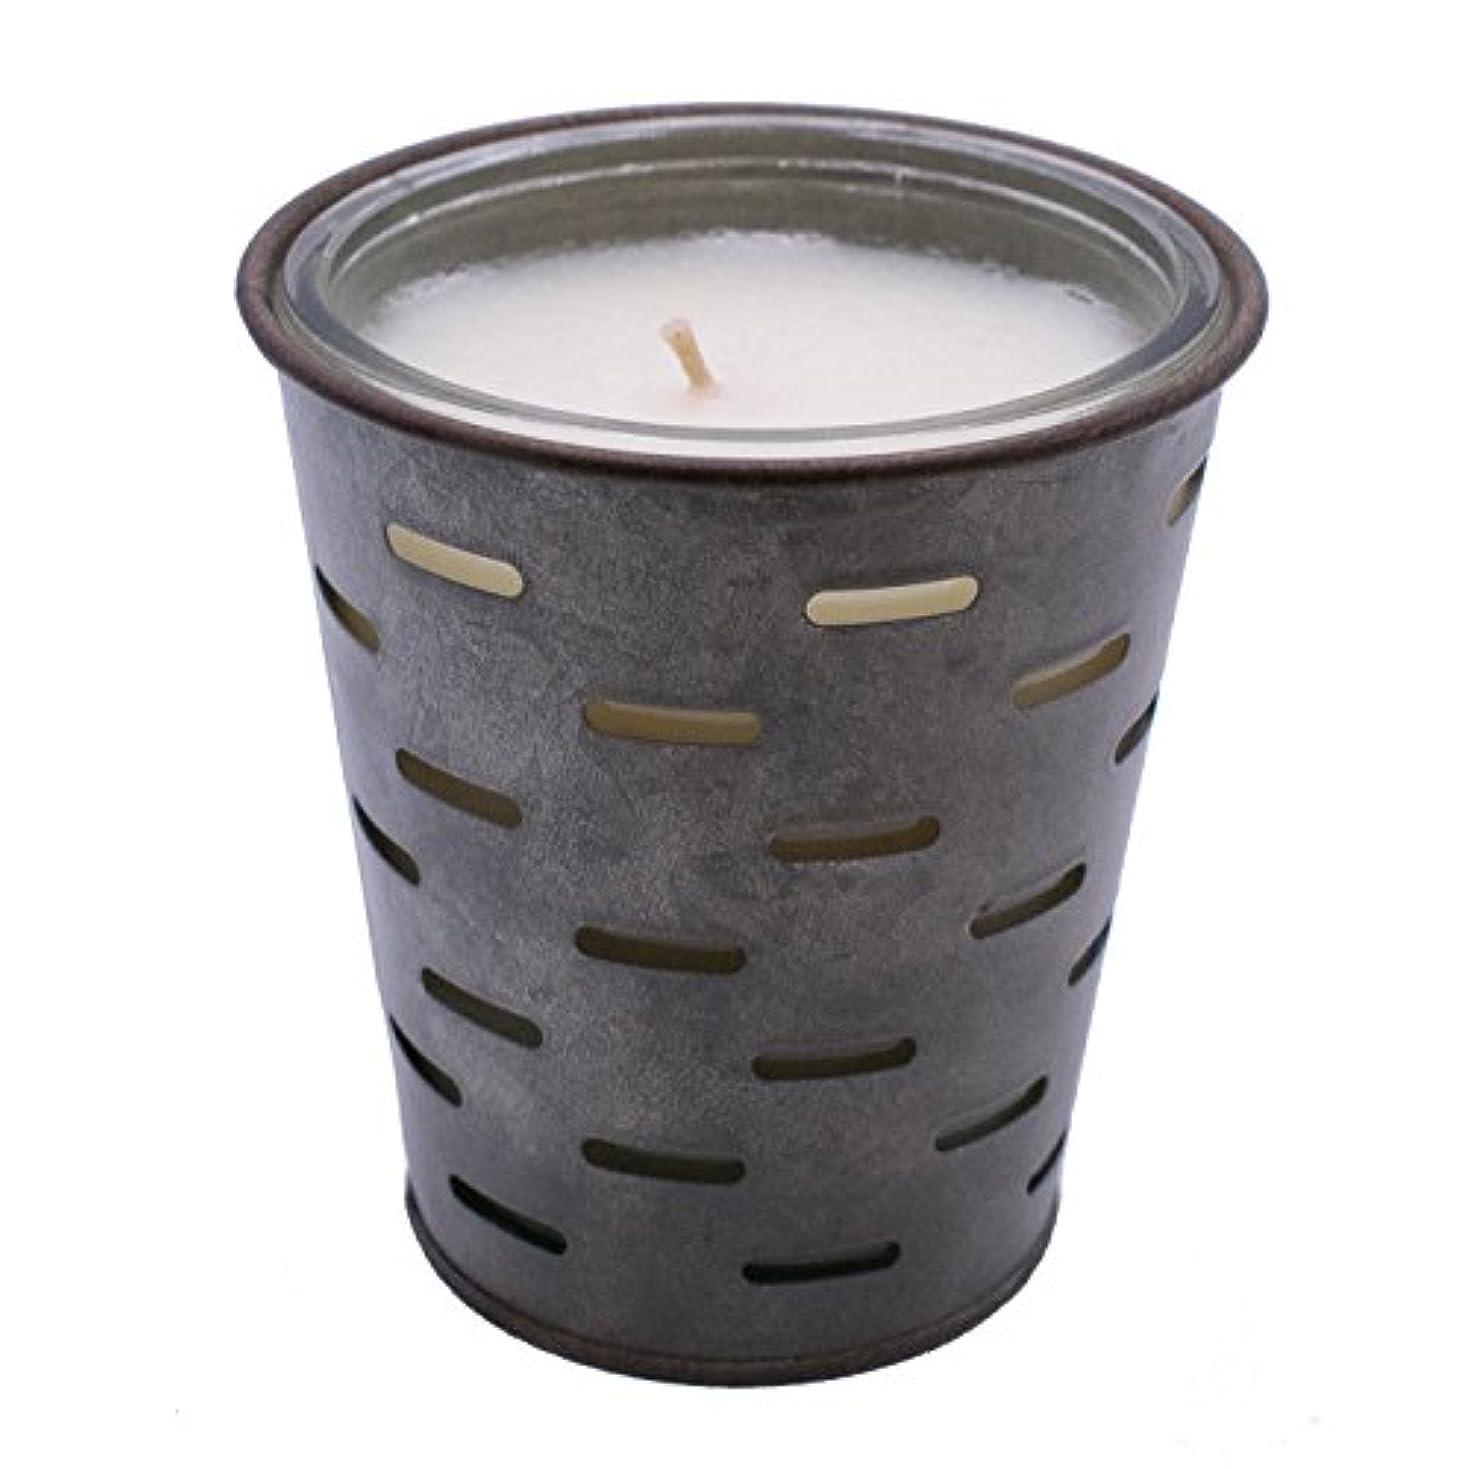 世界に死んだぴかぴか離れてSweetオリーブ、オリーブバケットFragrance Candle優れ、香り、ガラスJar in Tin Pot亜鉛メッキ、13oz